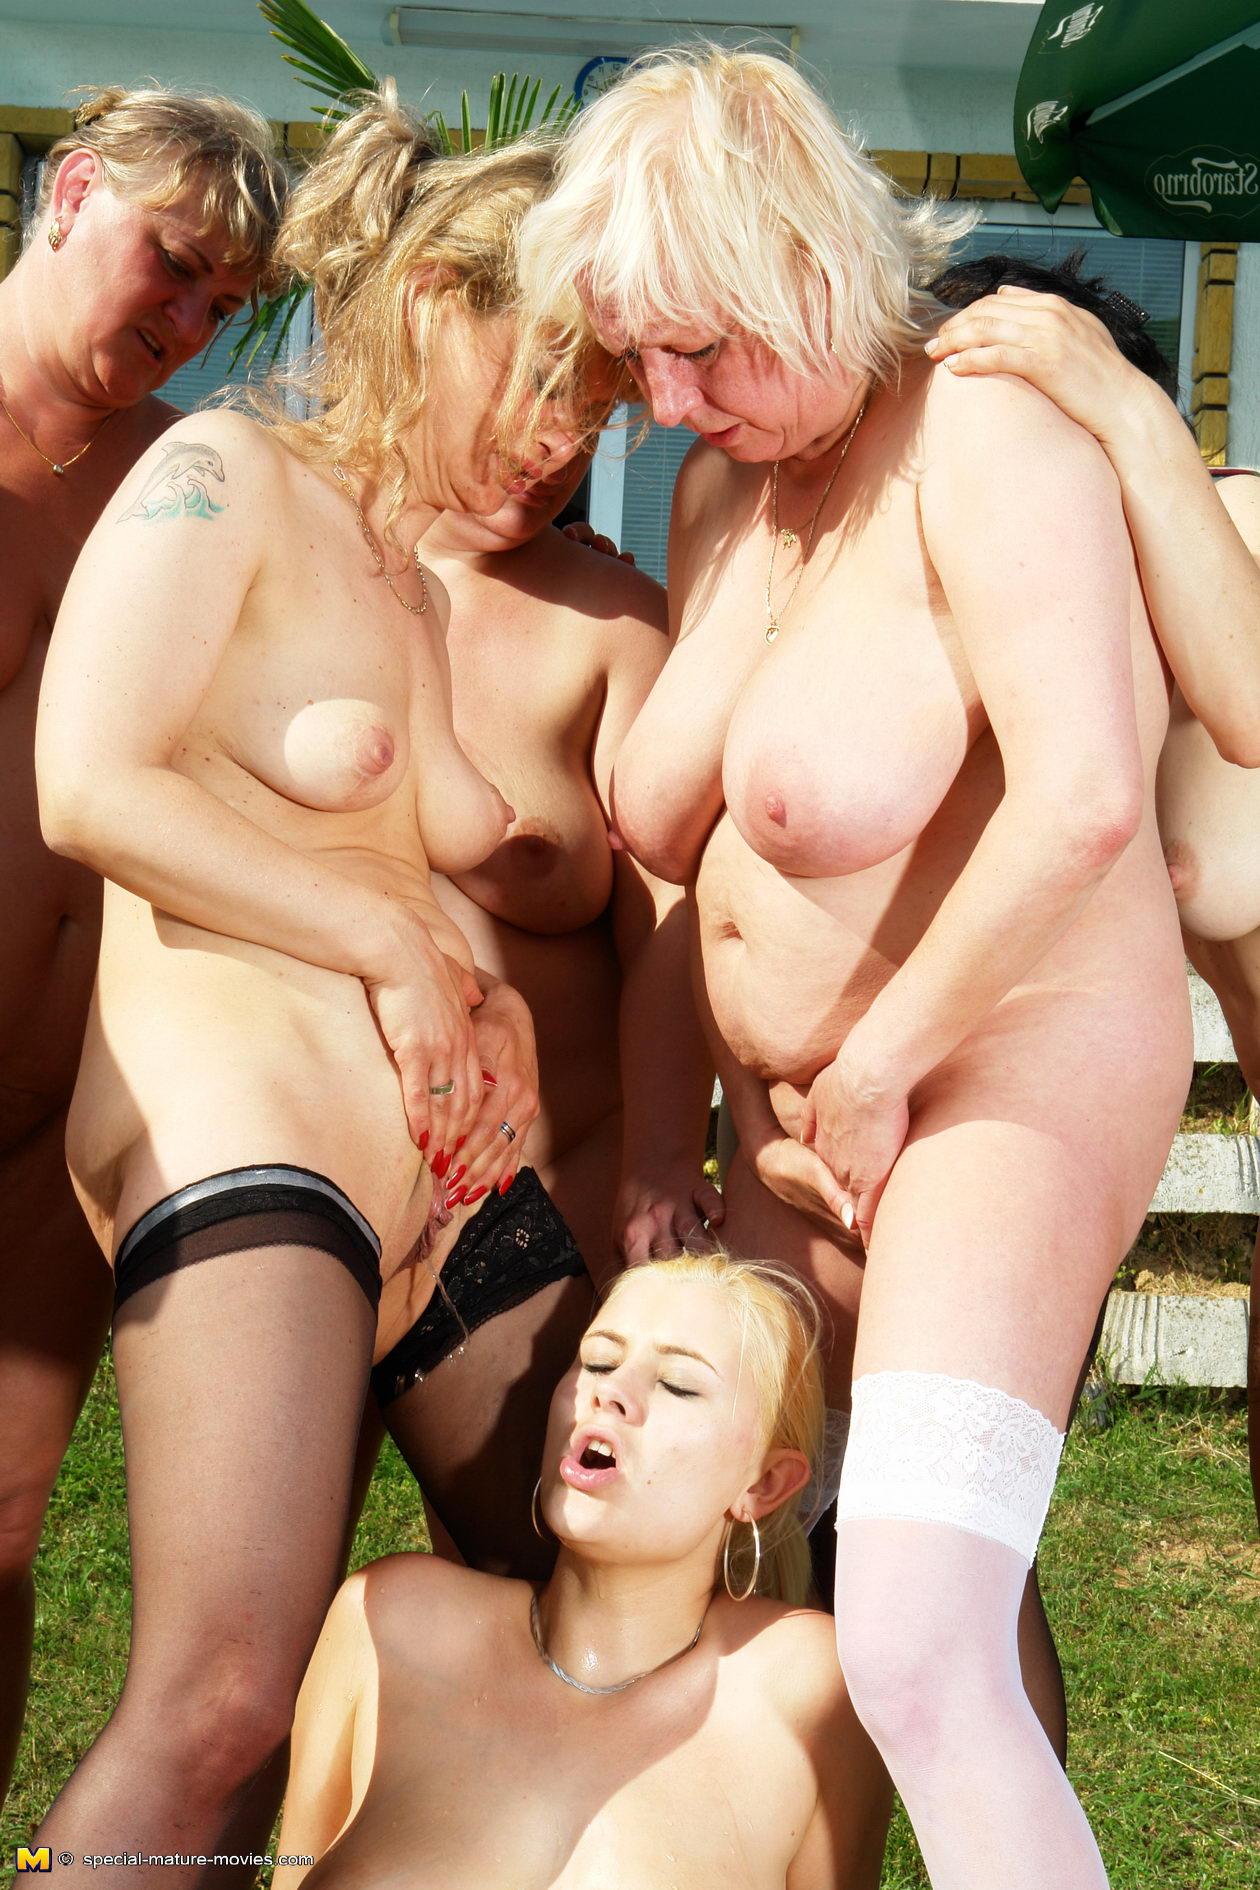 Big daddy howard spank